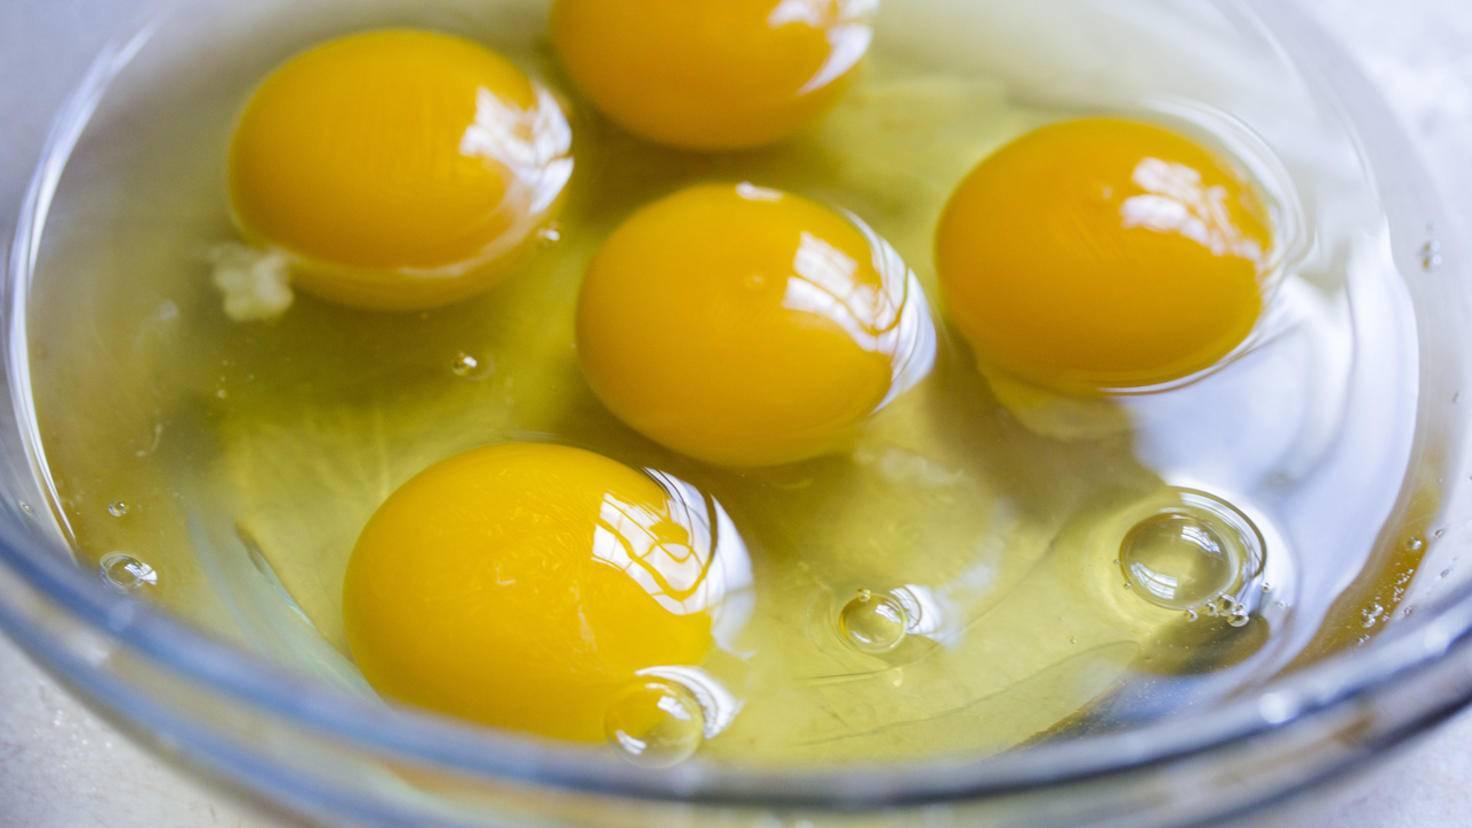 Wer Eier erst einmal getrennt in eine Schüssel schlägt, spart sich das Wühlen nach Schalenstücken im Kuchenteig.